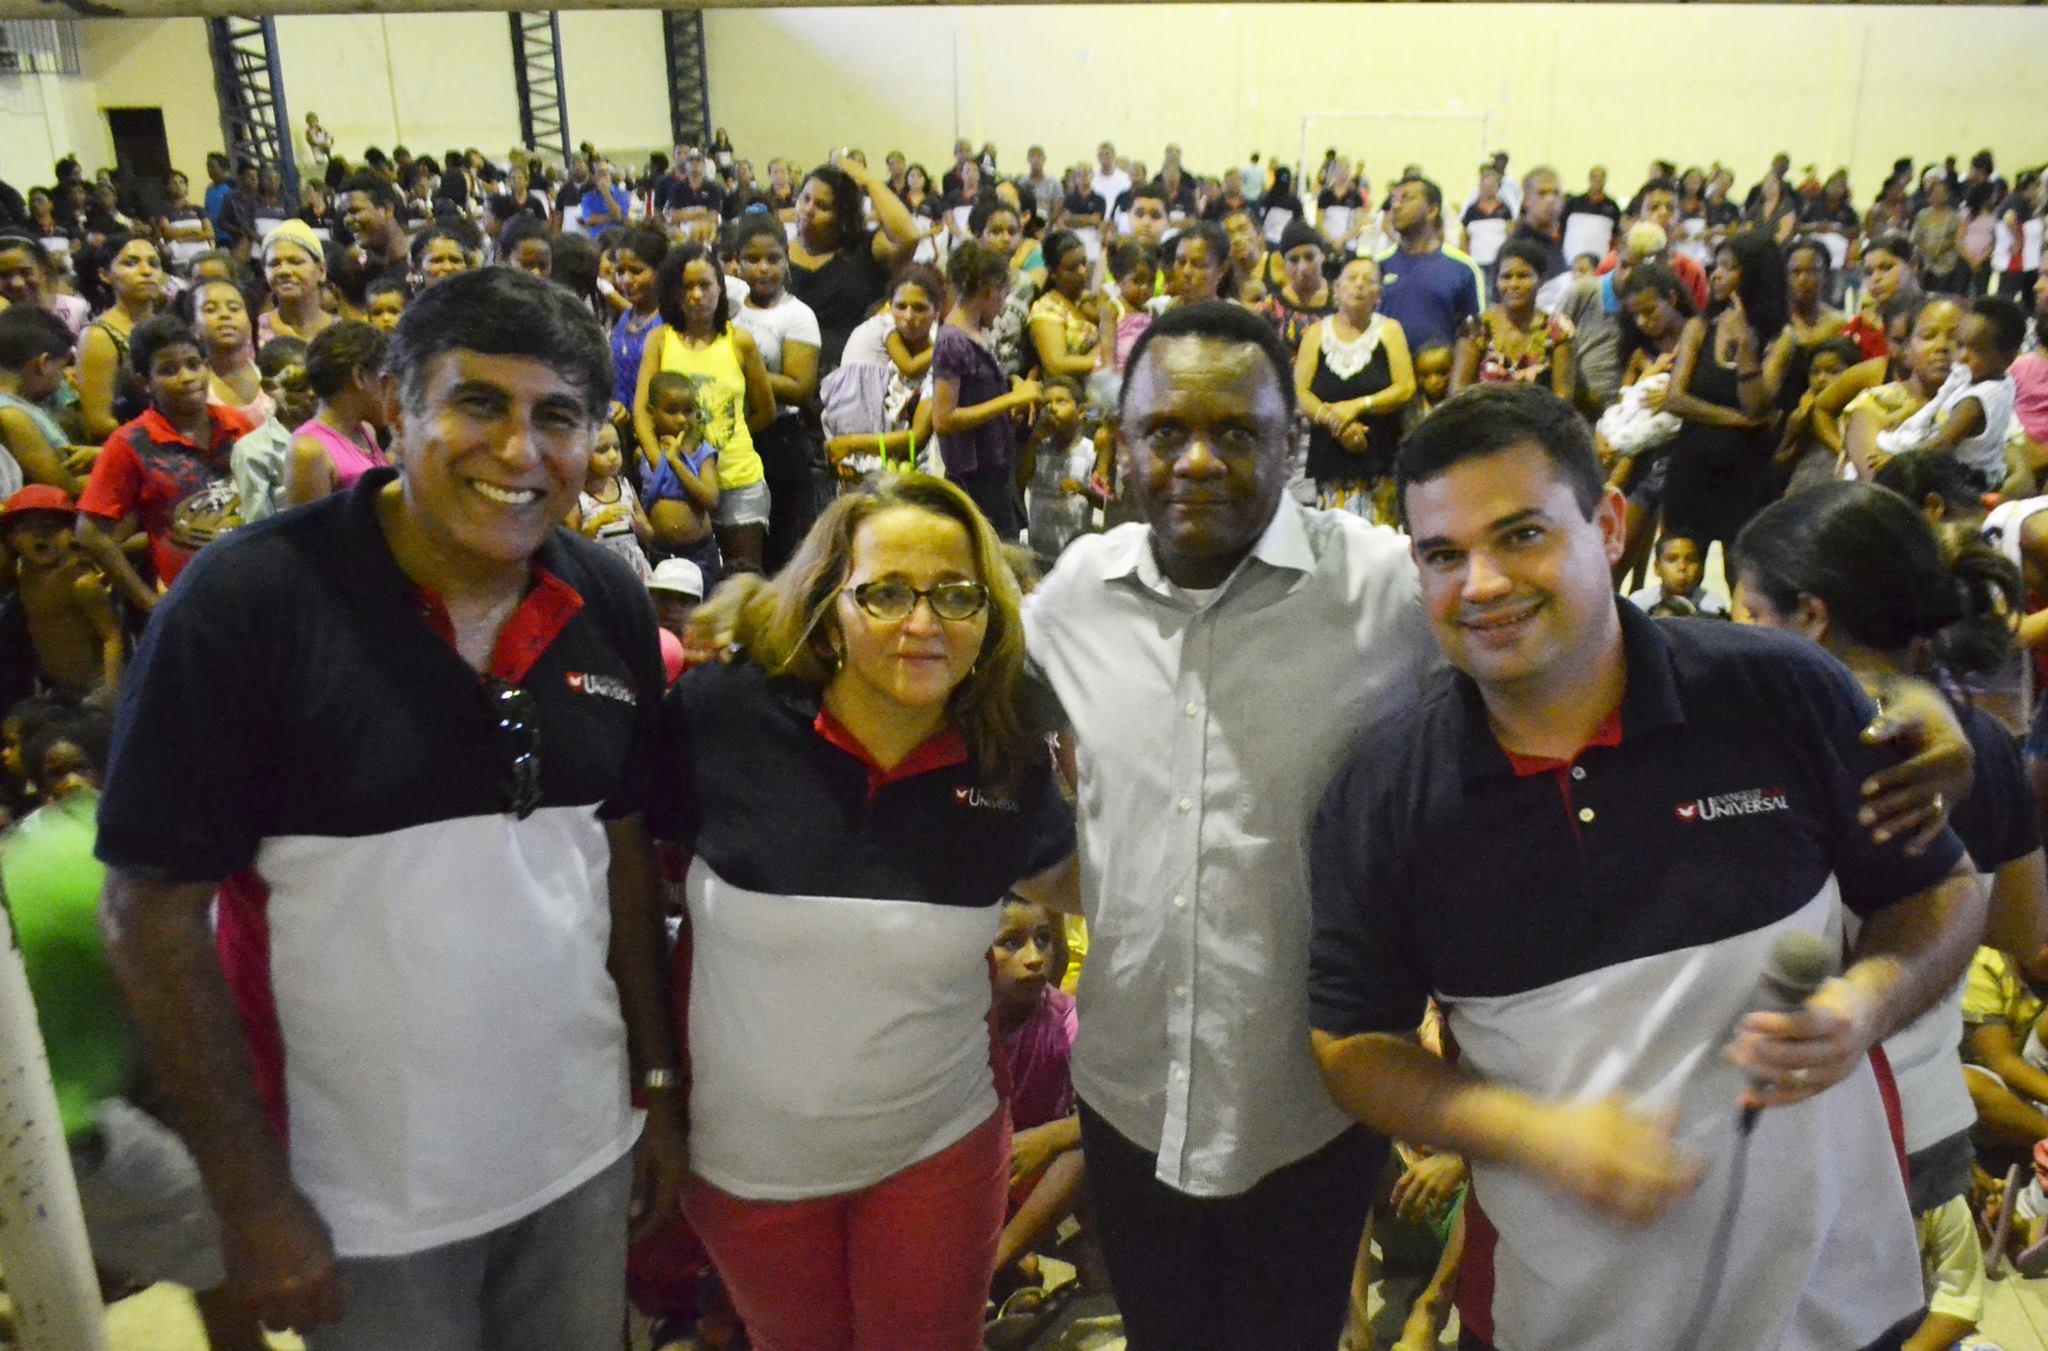 Agente da Comunidade – Ossesio Silva e Carlos Geraldo participam de Ação Social na comunidade do Coque  no Recife